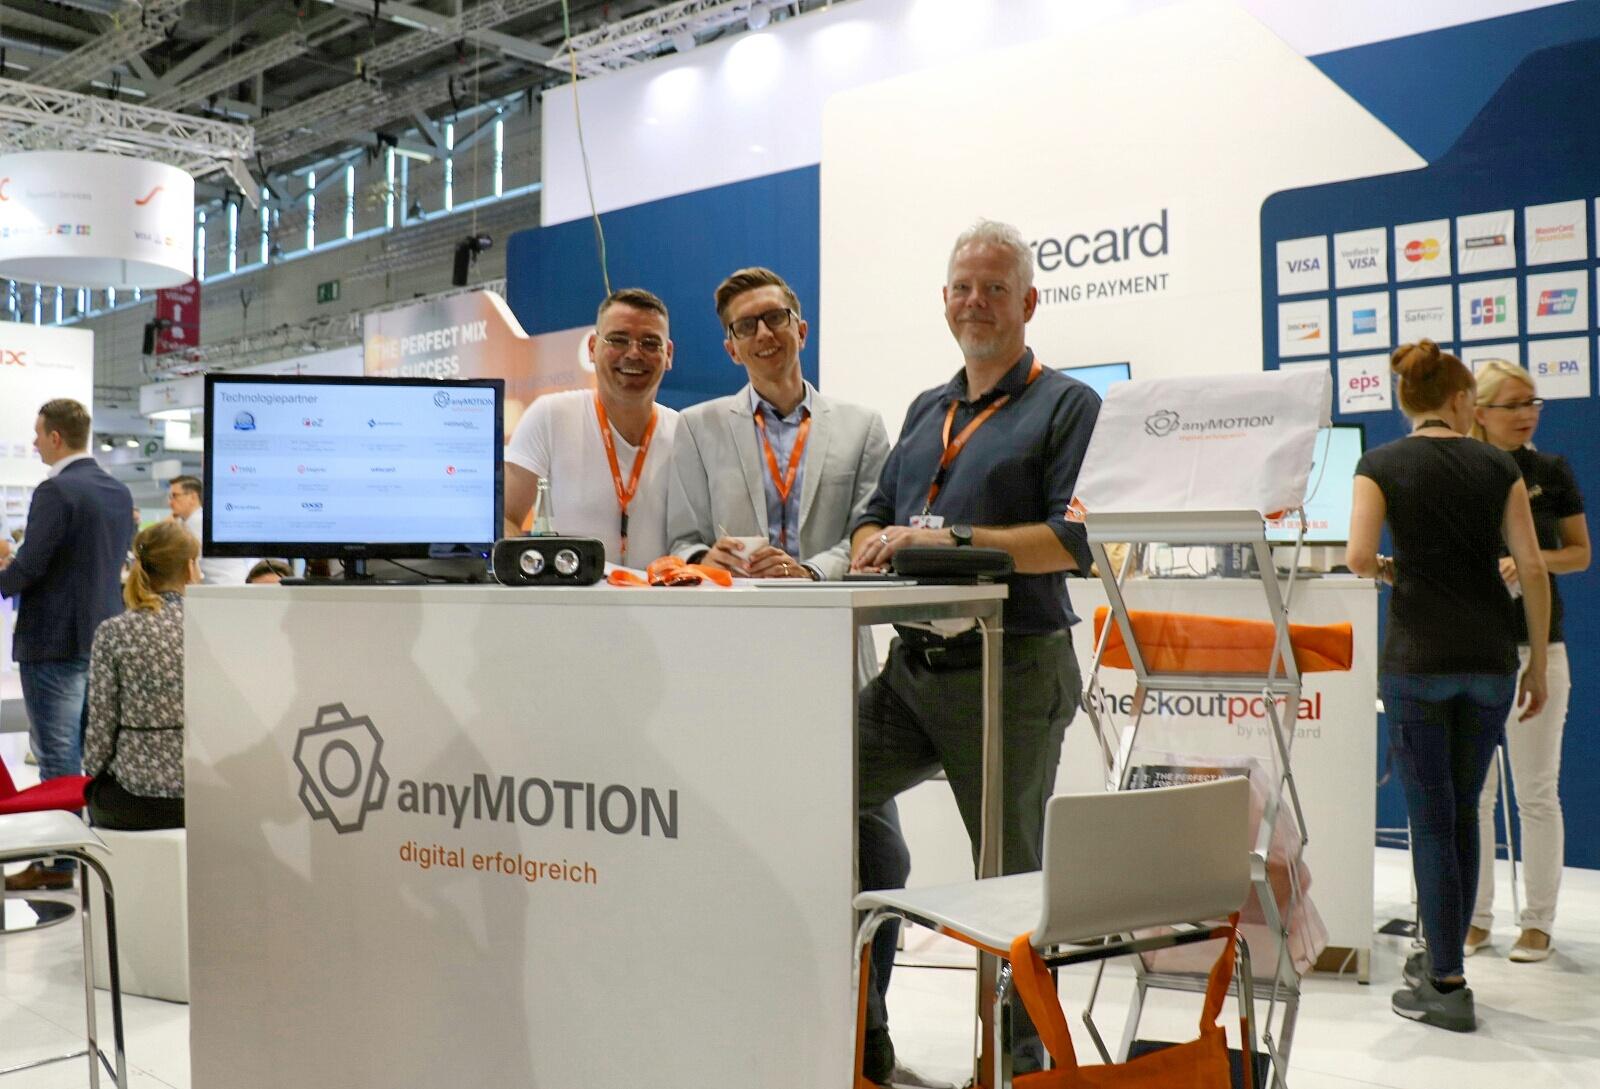 Die anyMOTION Geschäftsführer Andreas Neumann (links) und Sascha Sell (rechts) mit Business Development Director Mathias Kossmann in der Mitte